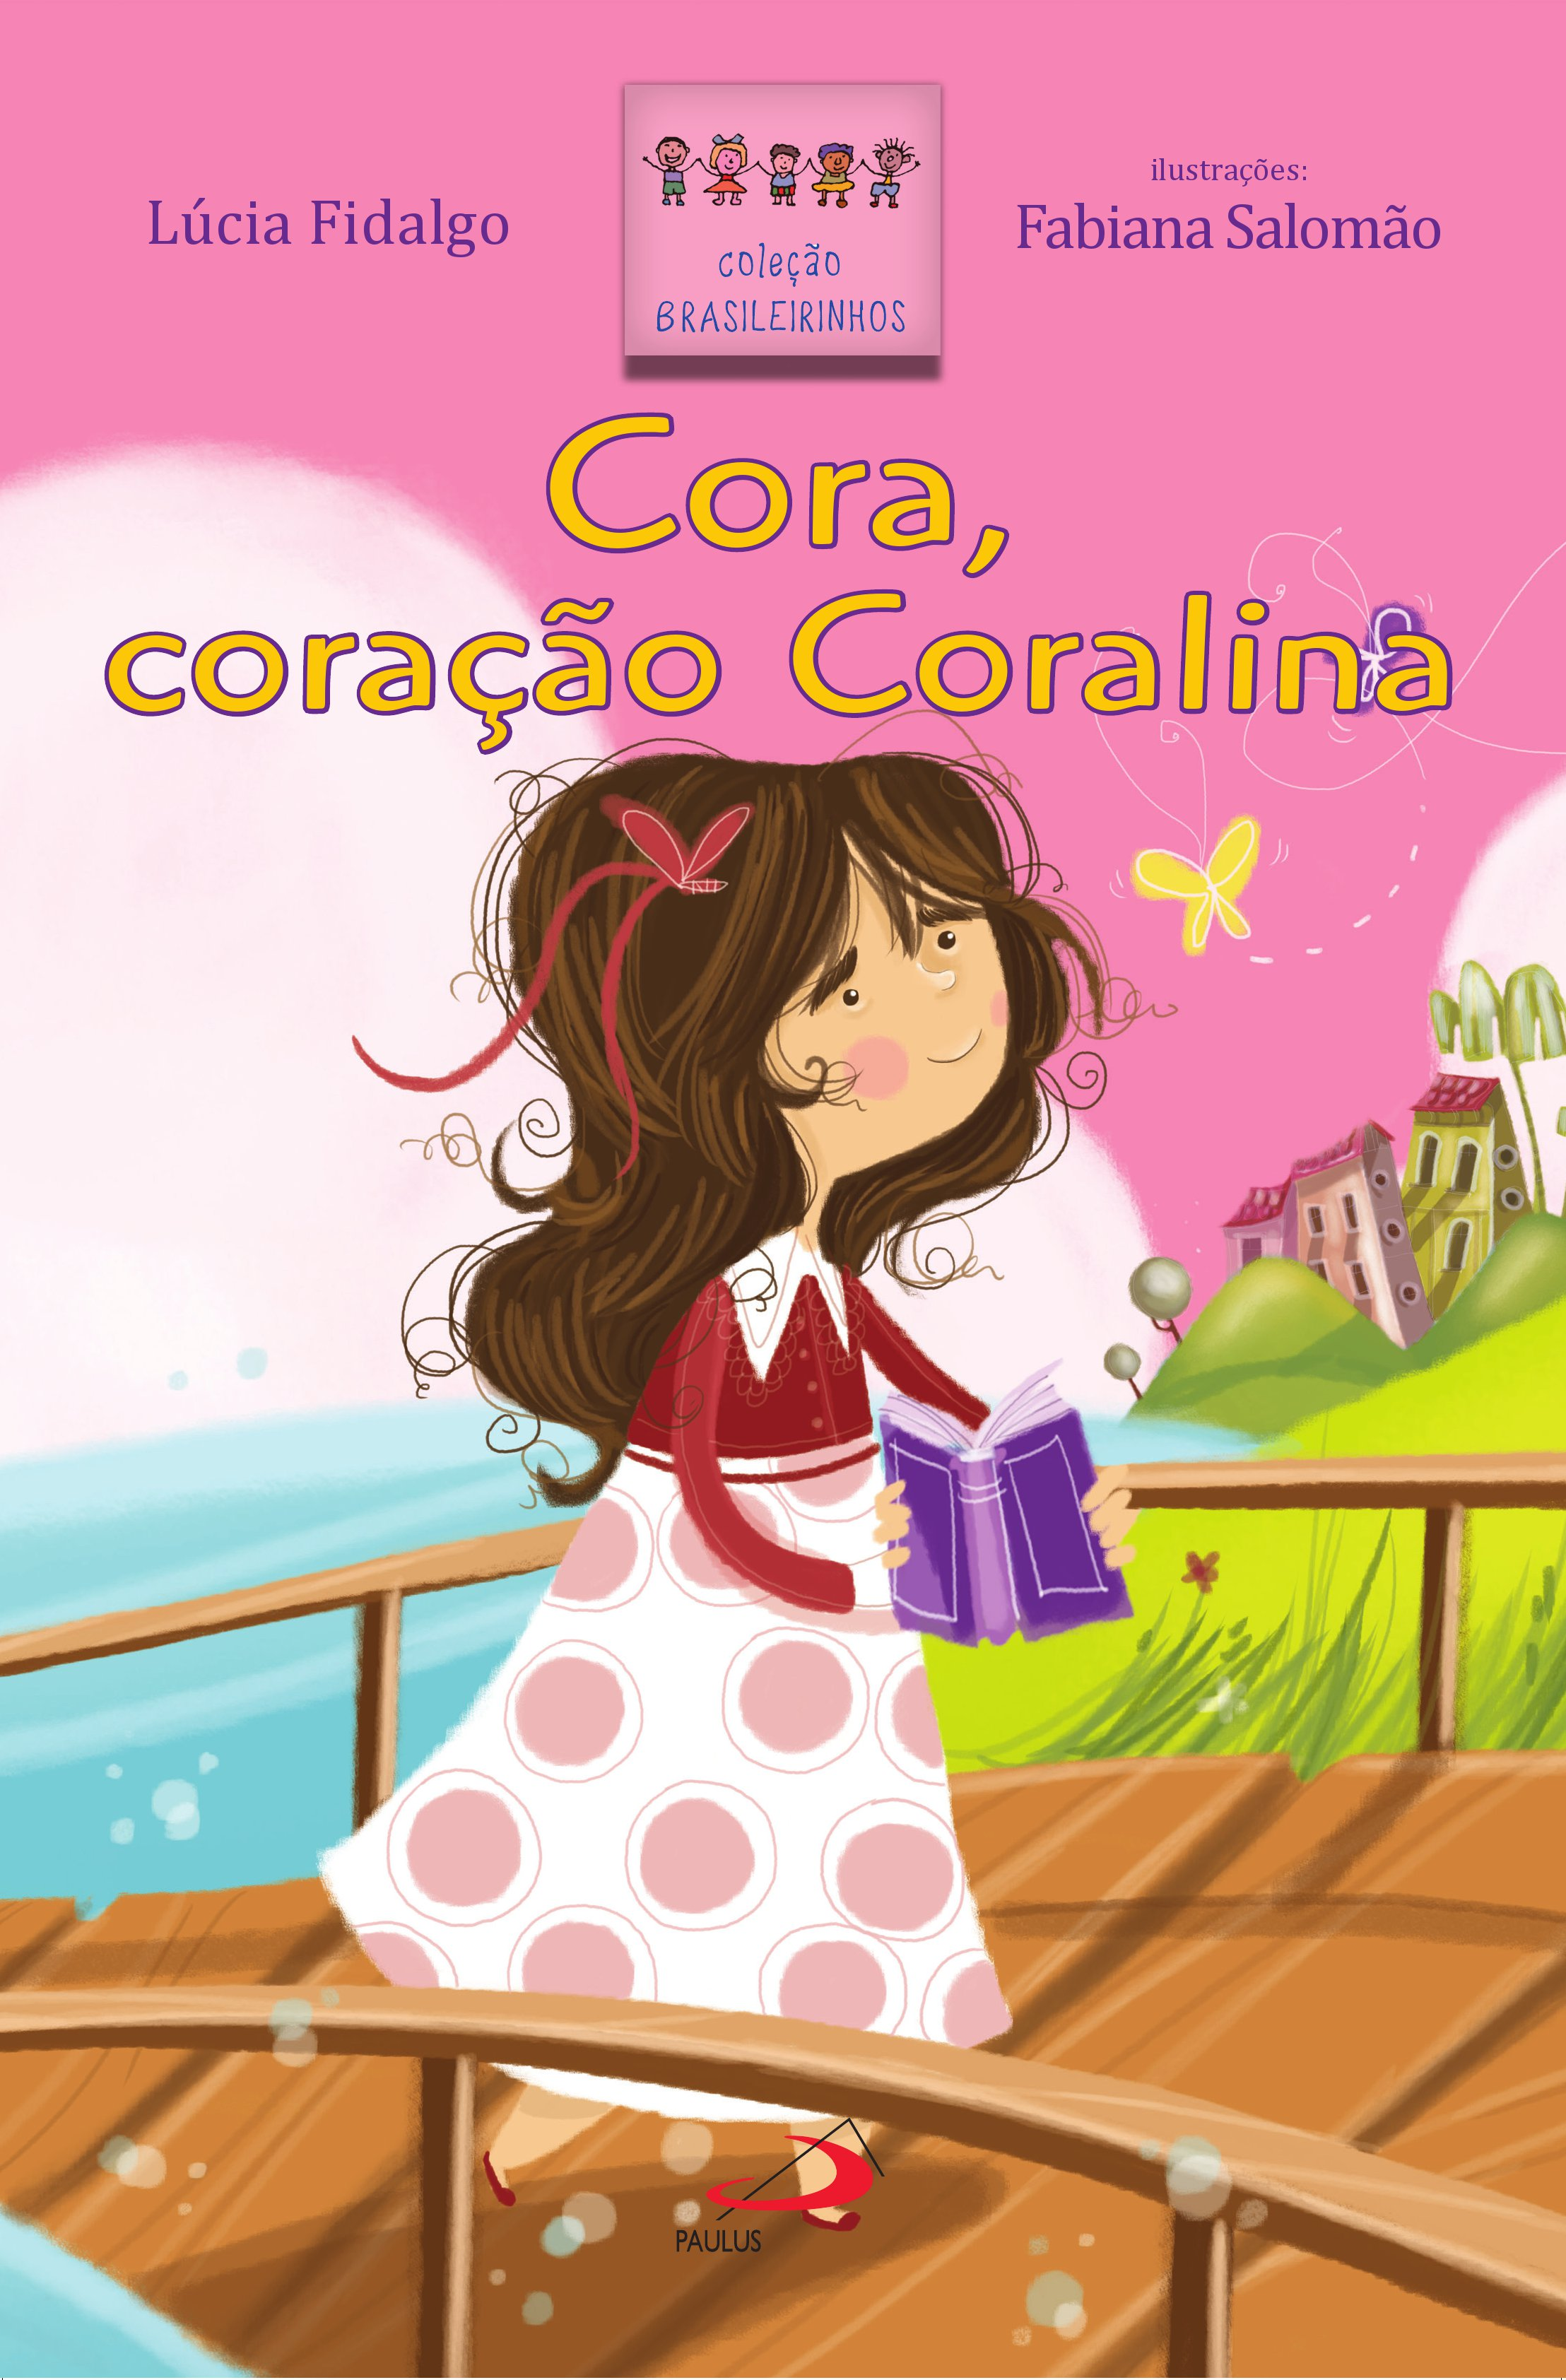 Muitas vezes Em forma de poesia, novo livro da coleção Brasileirinhos conta a  NY08